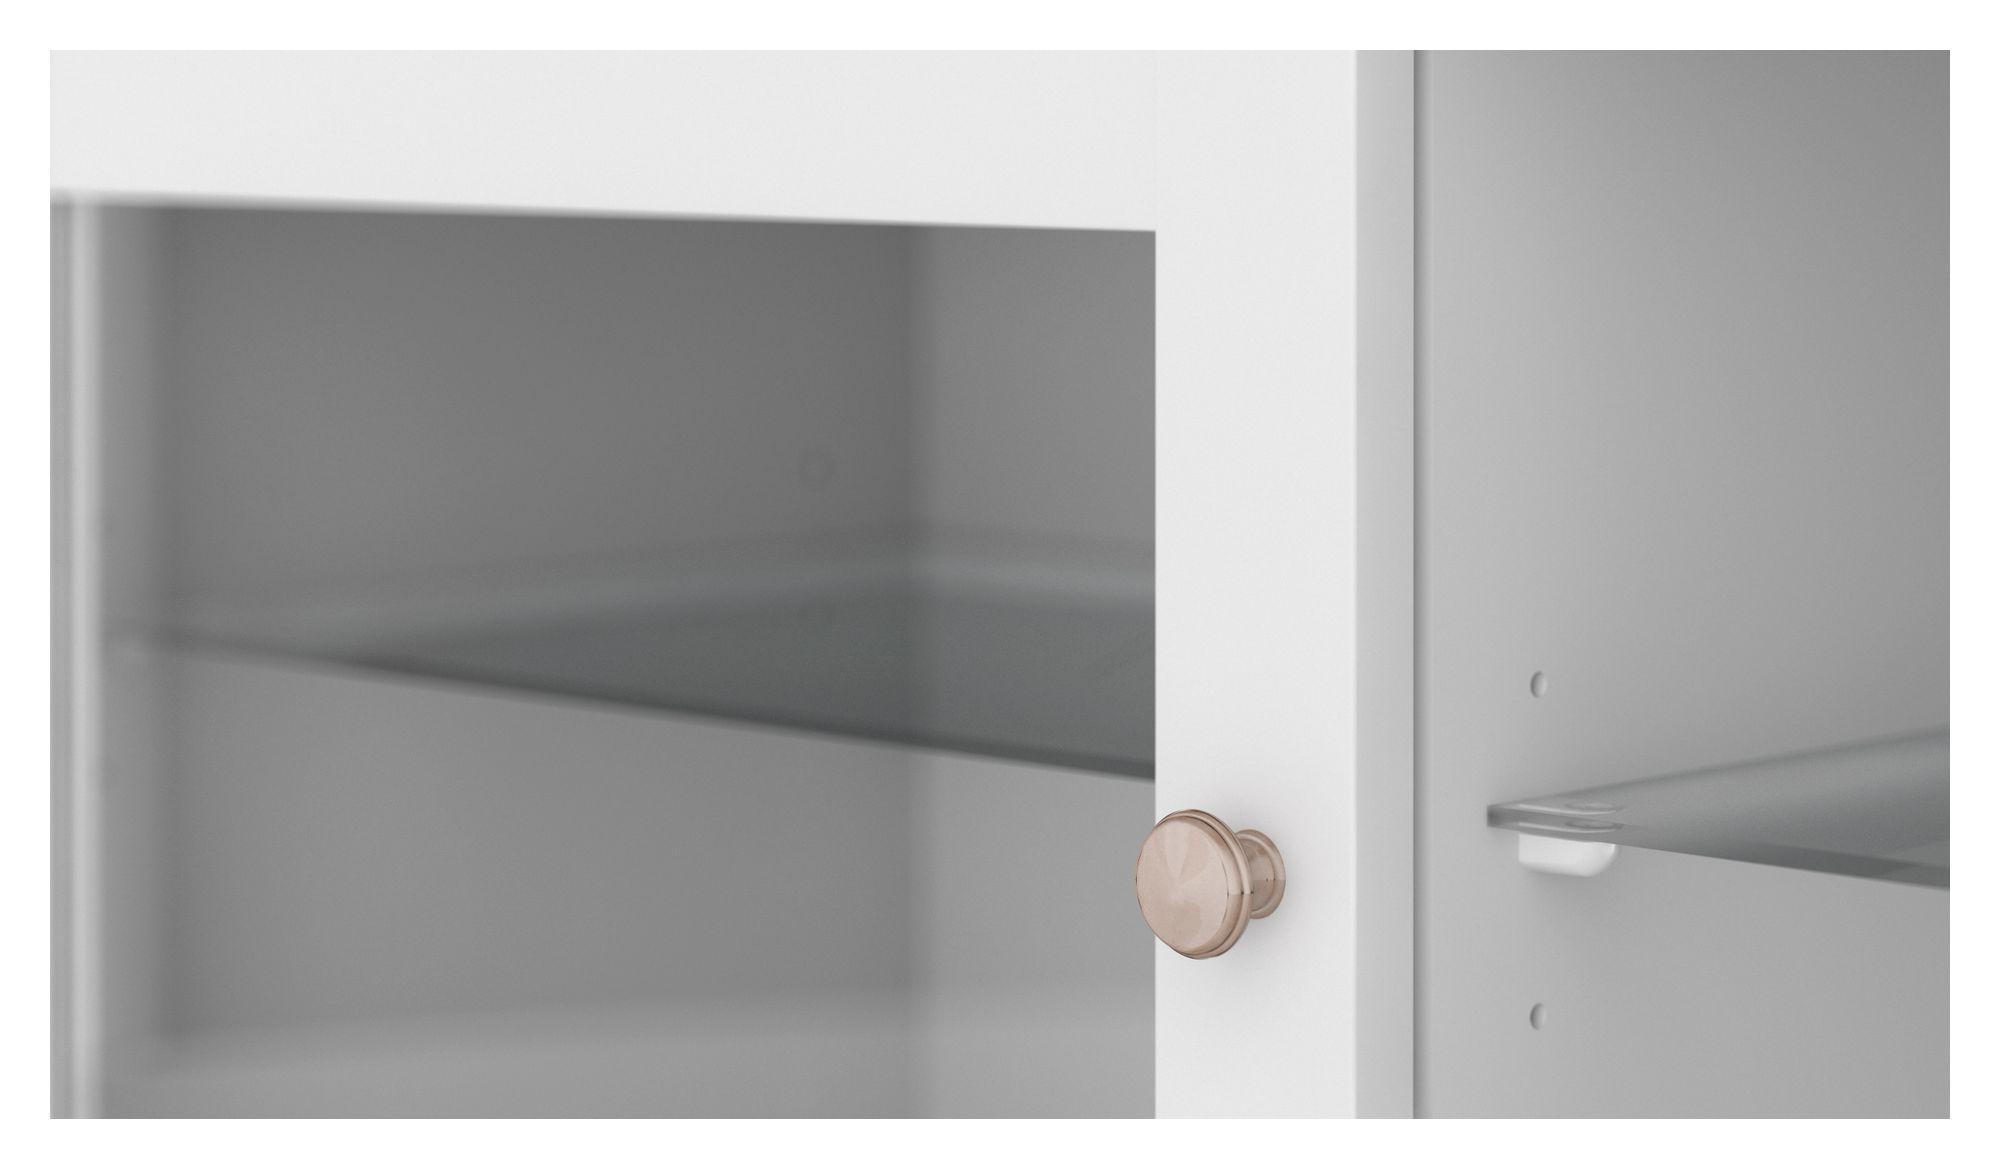 Paris Tvbord - Hvid m/glaslåger - Enkelt TV-møbel i hvid